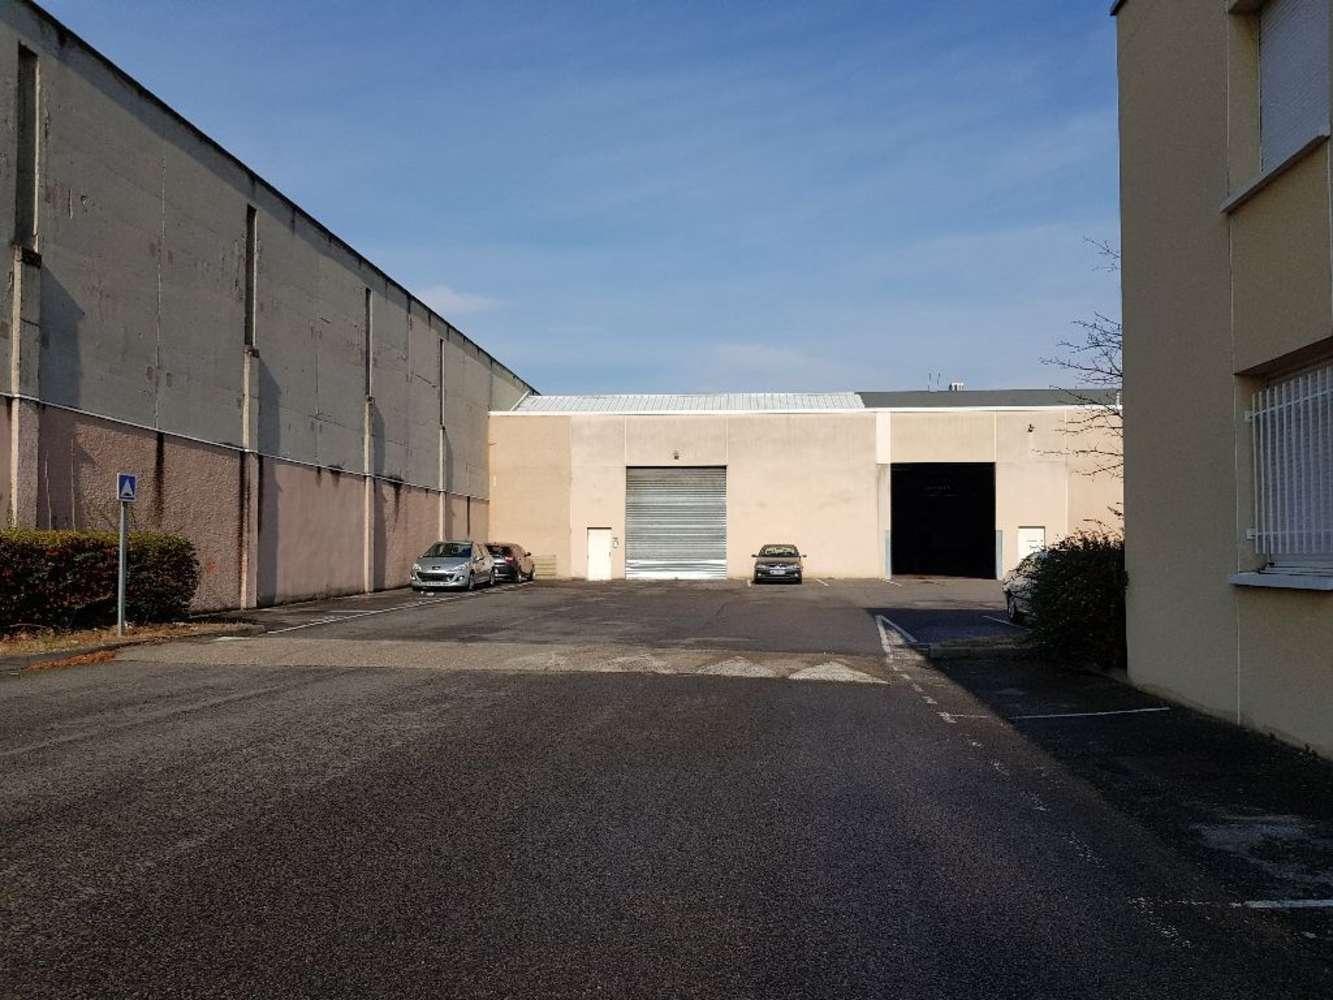 Activités/entrepôt Villeurbanne, 69100 - Entrepot à vendre Villeurbanne - Négoce - 9634690